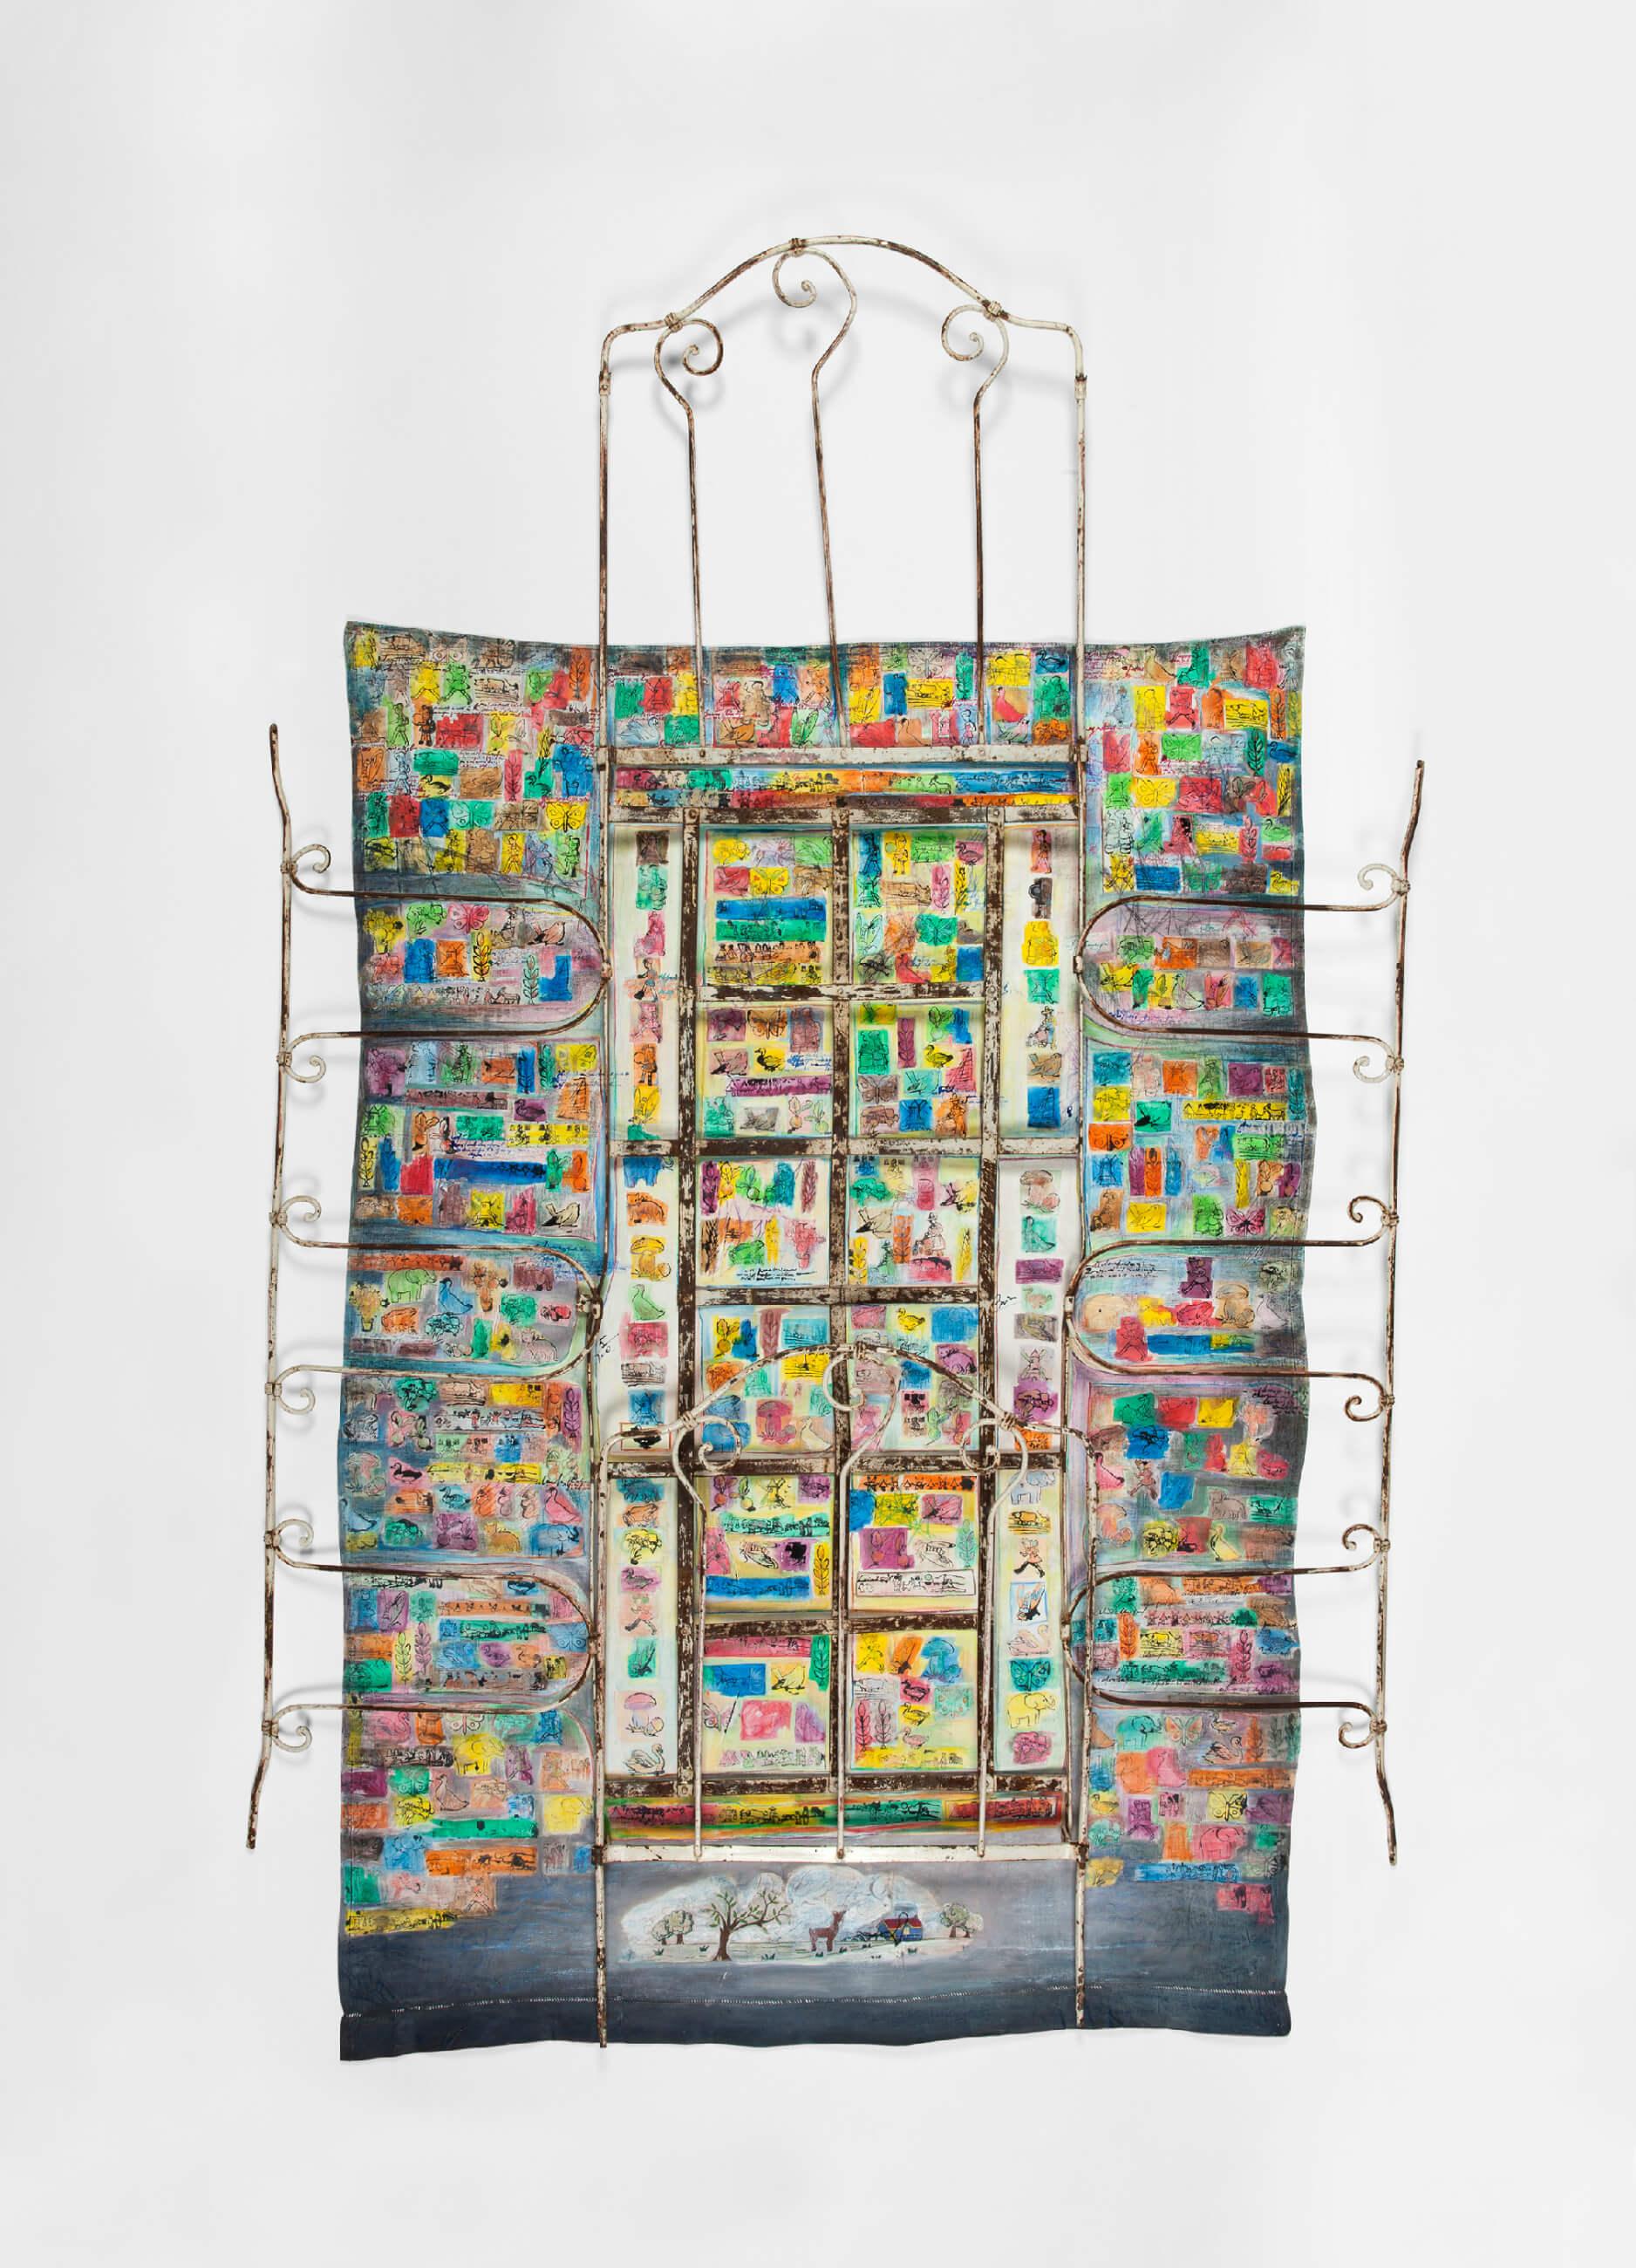 Nicole MORIN - Mémoires d'enfance - Lit ancien, tampons scolaires anciens, drap, crayon de couleur, encre, 128 x 260 cm